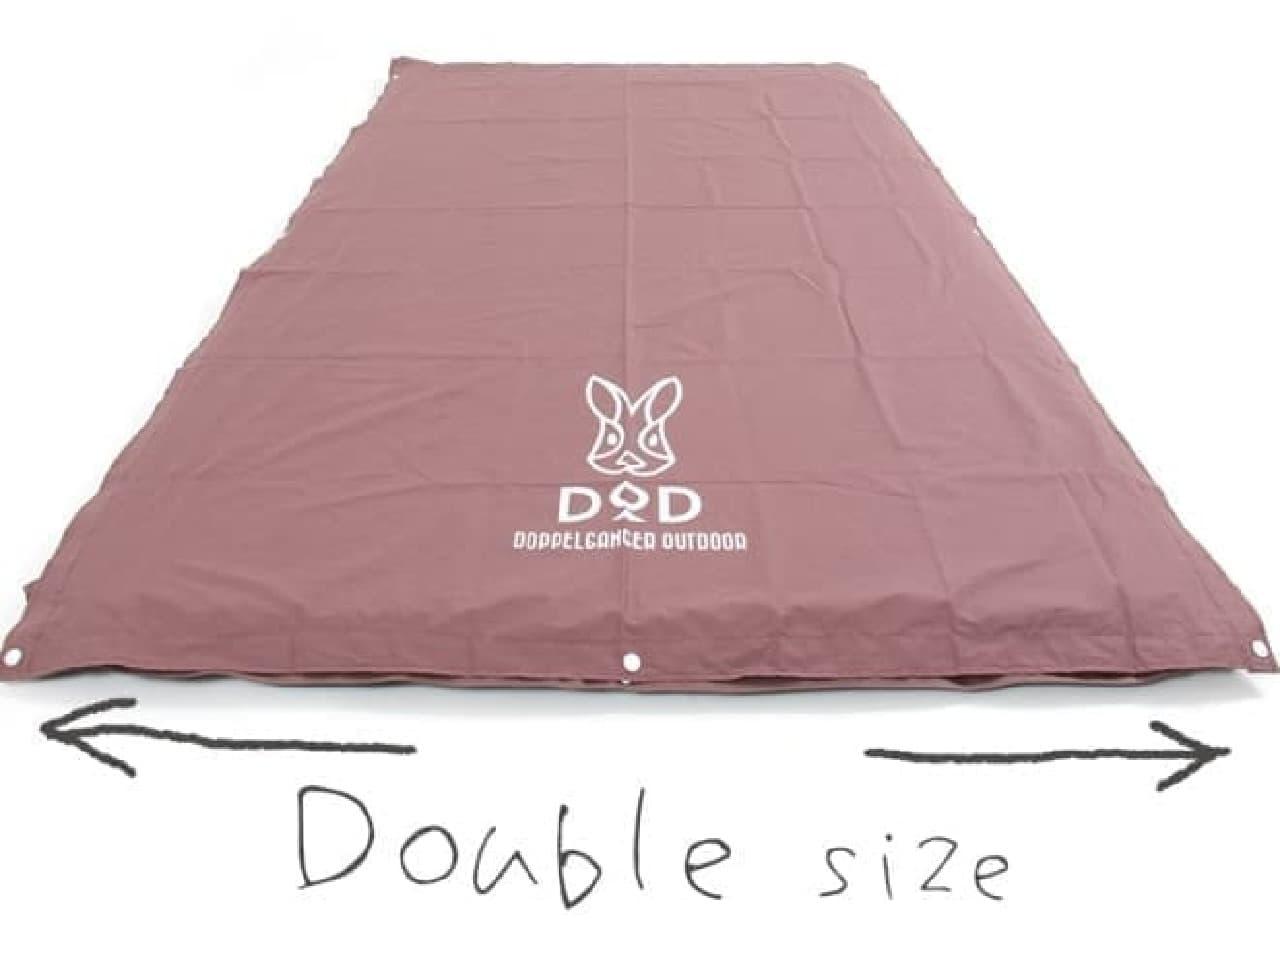 丸洗いシーツエアマットは大人二人が横になれるダブルサイズ